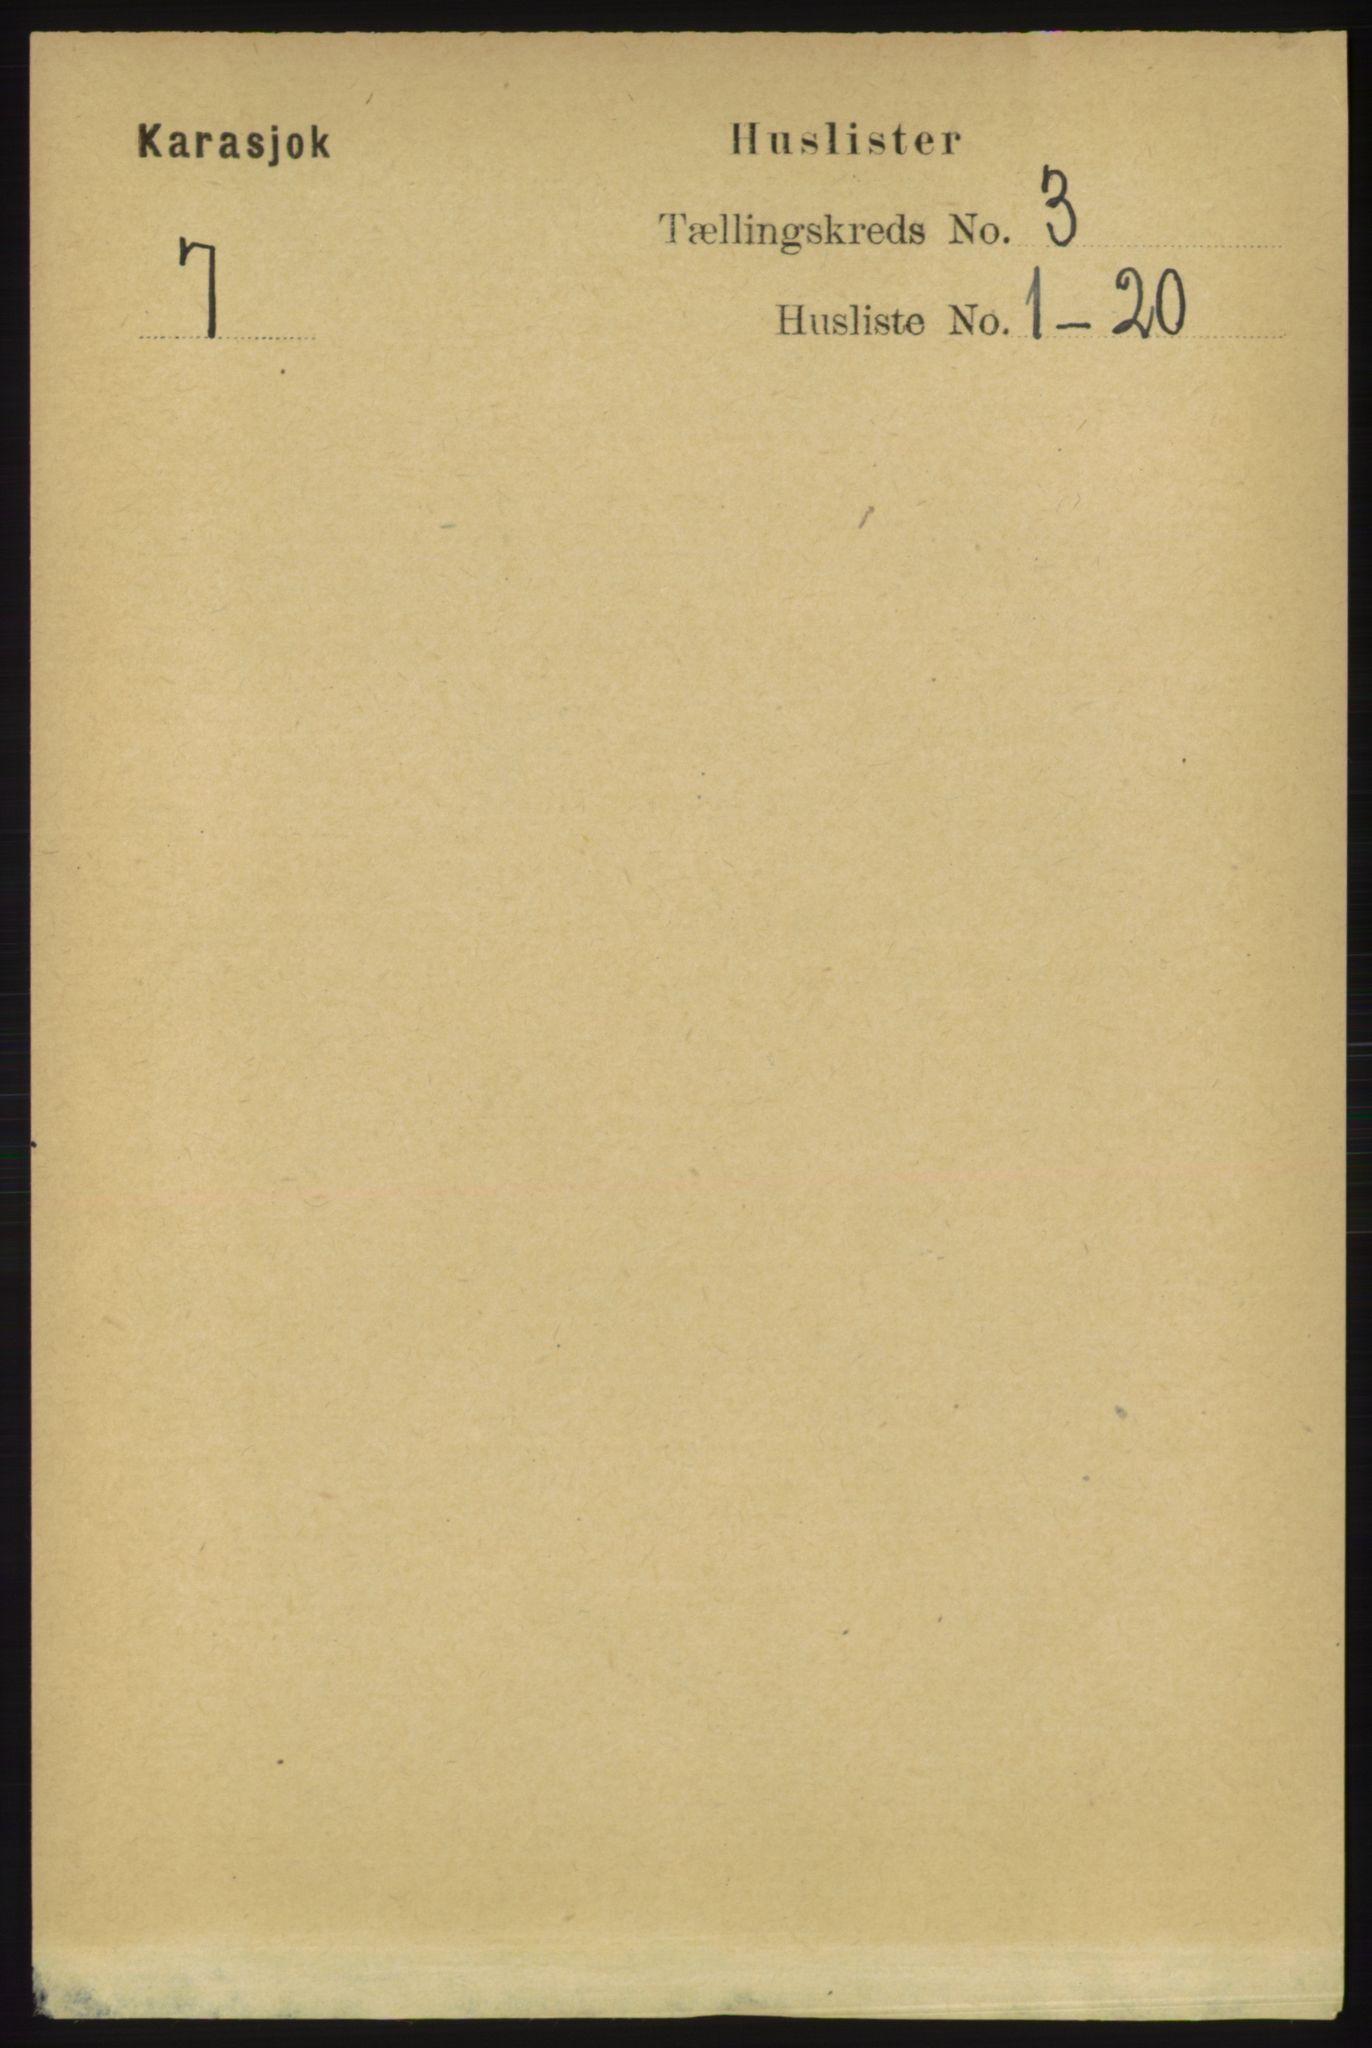 RA, Folketelling 1891 for 2021 Karasjok herred, 1891, s. 531